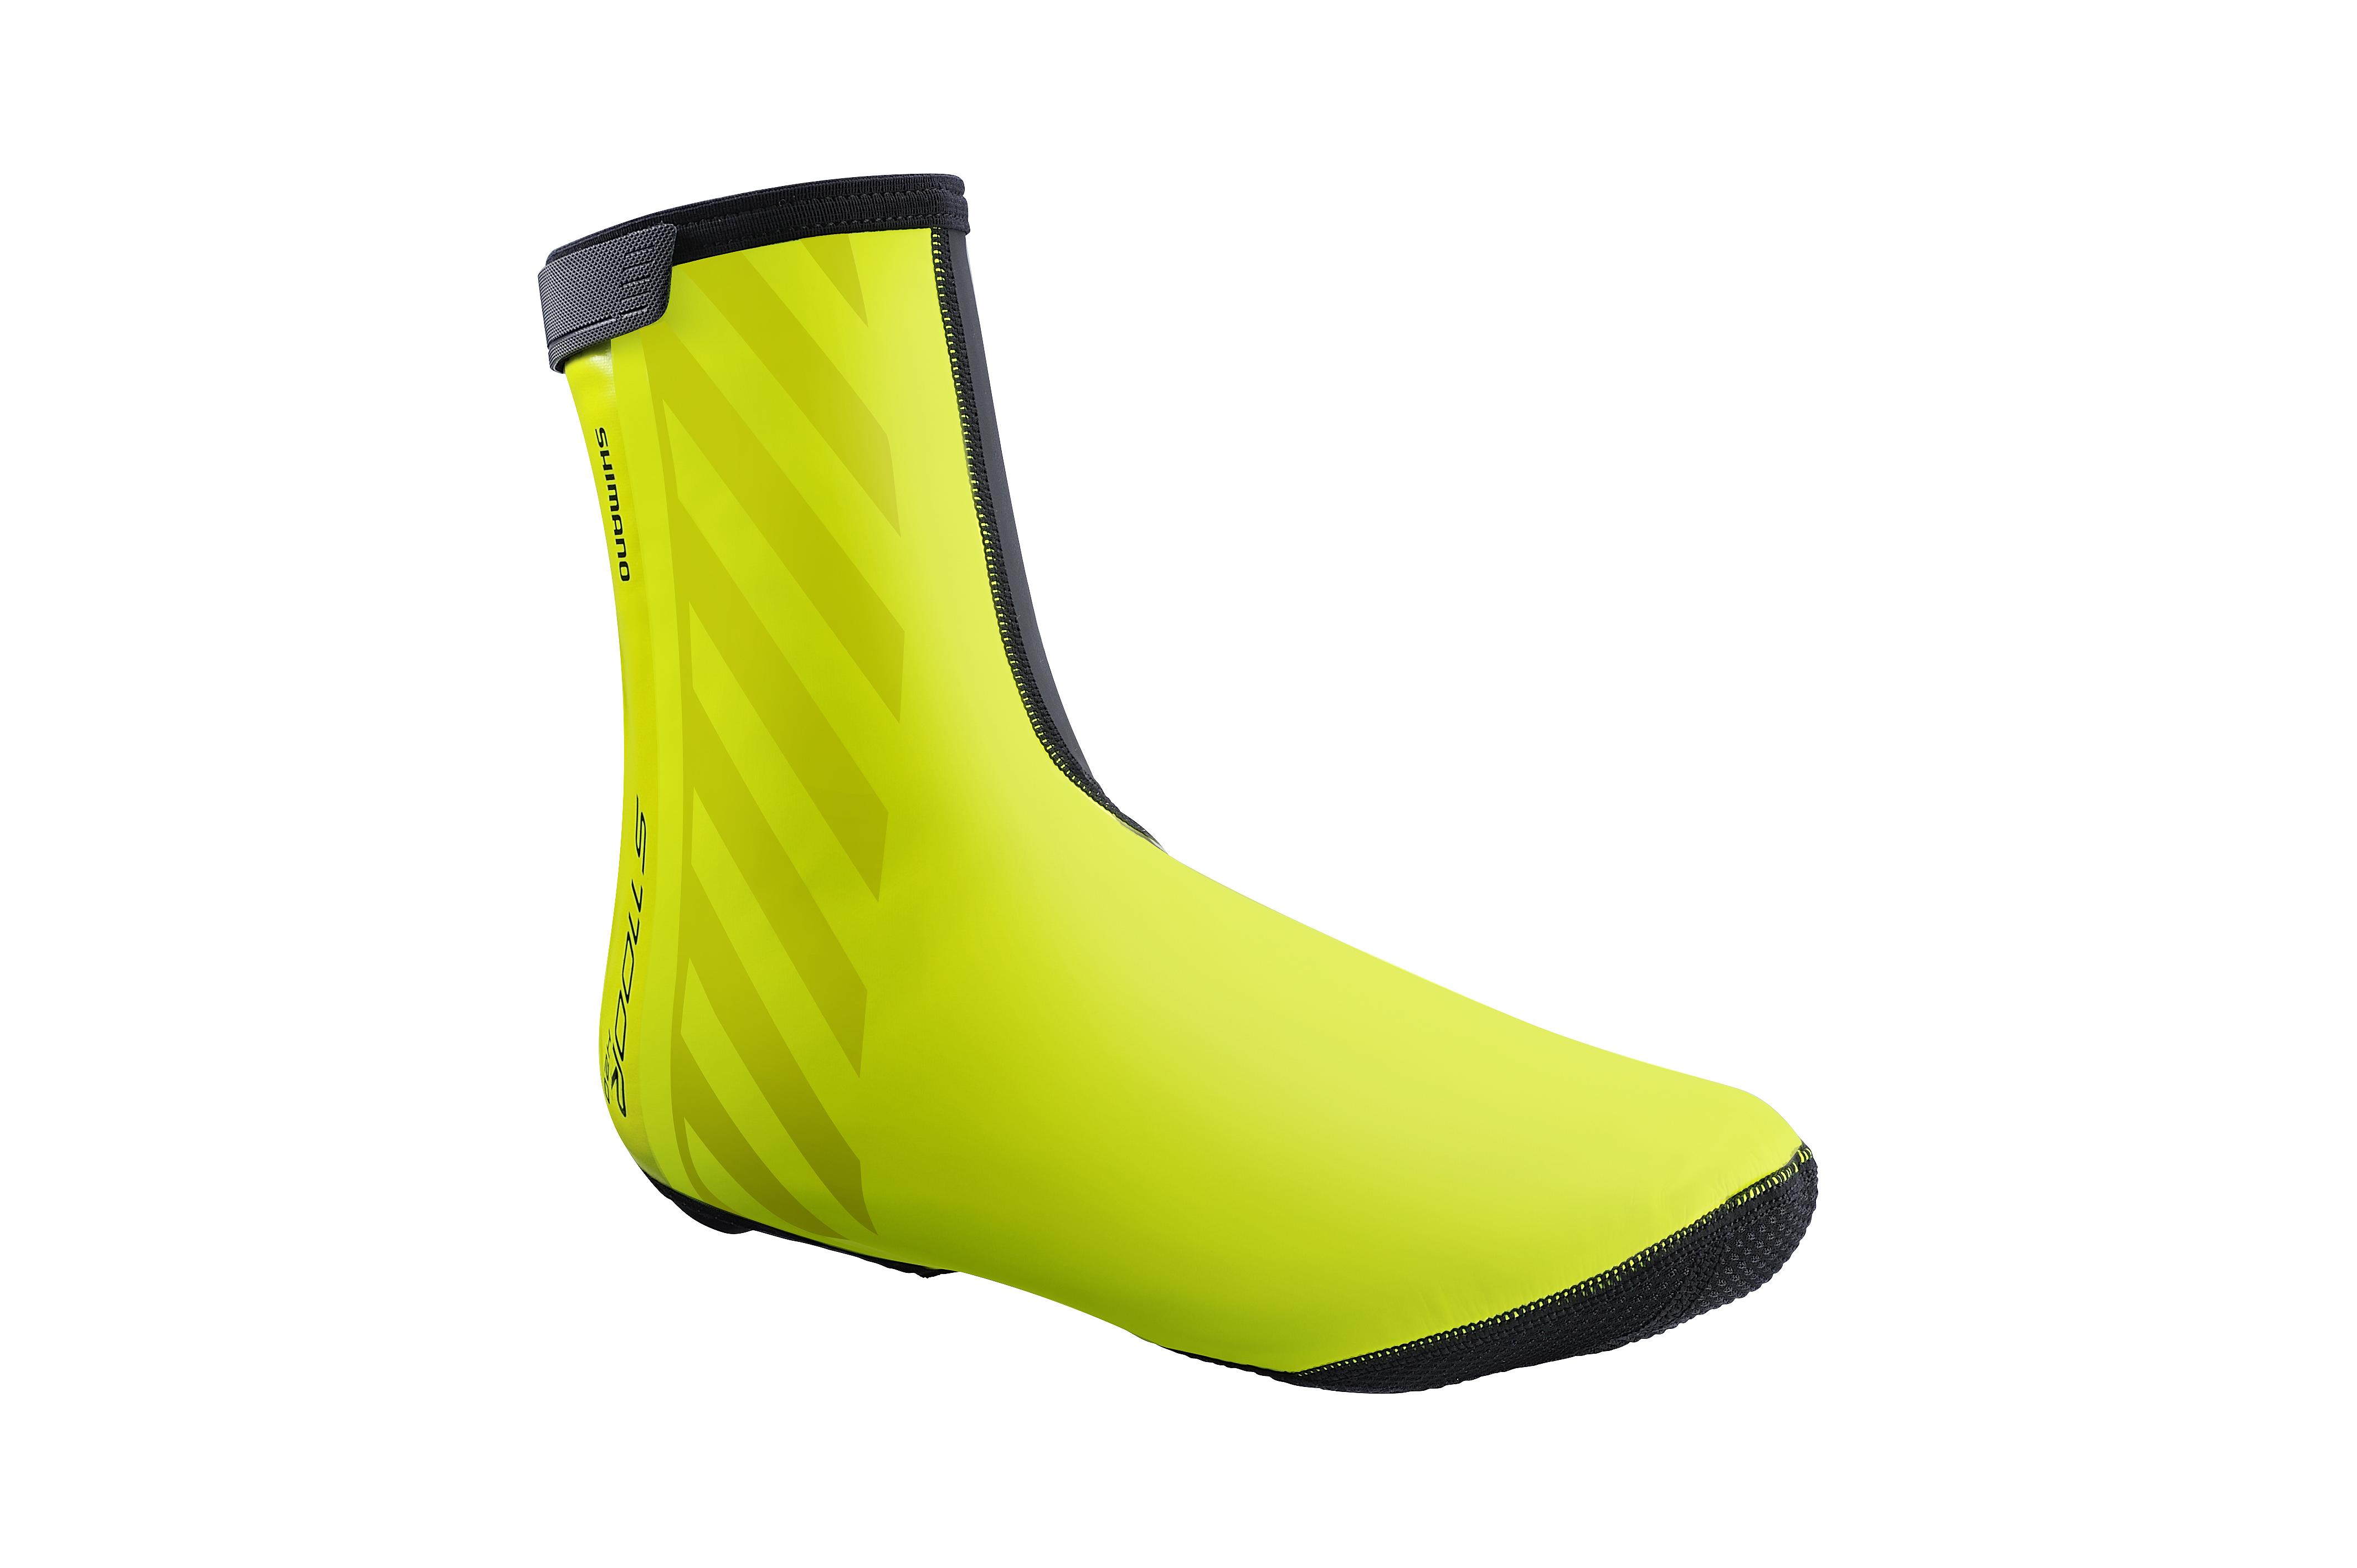 SHIMANO S1100R H2O návleky na obuv, Neon žlutá, XXL